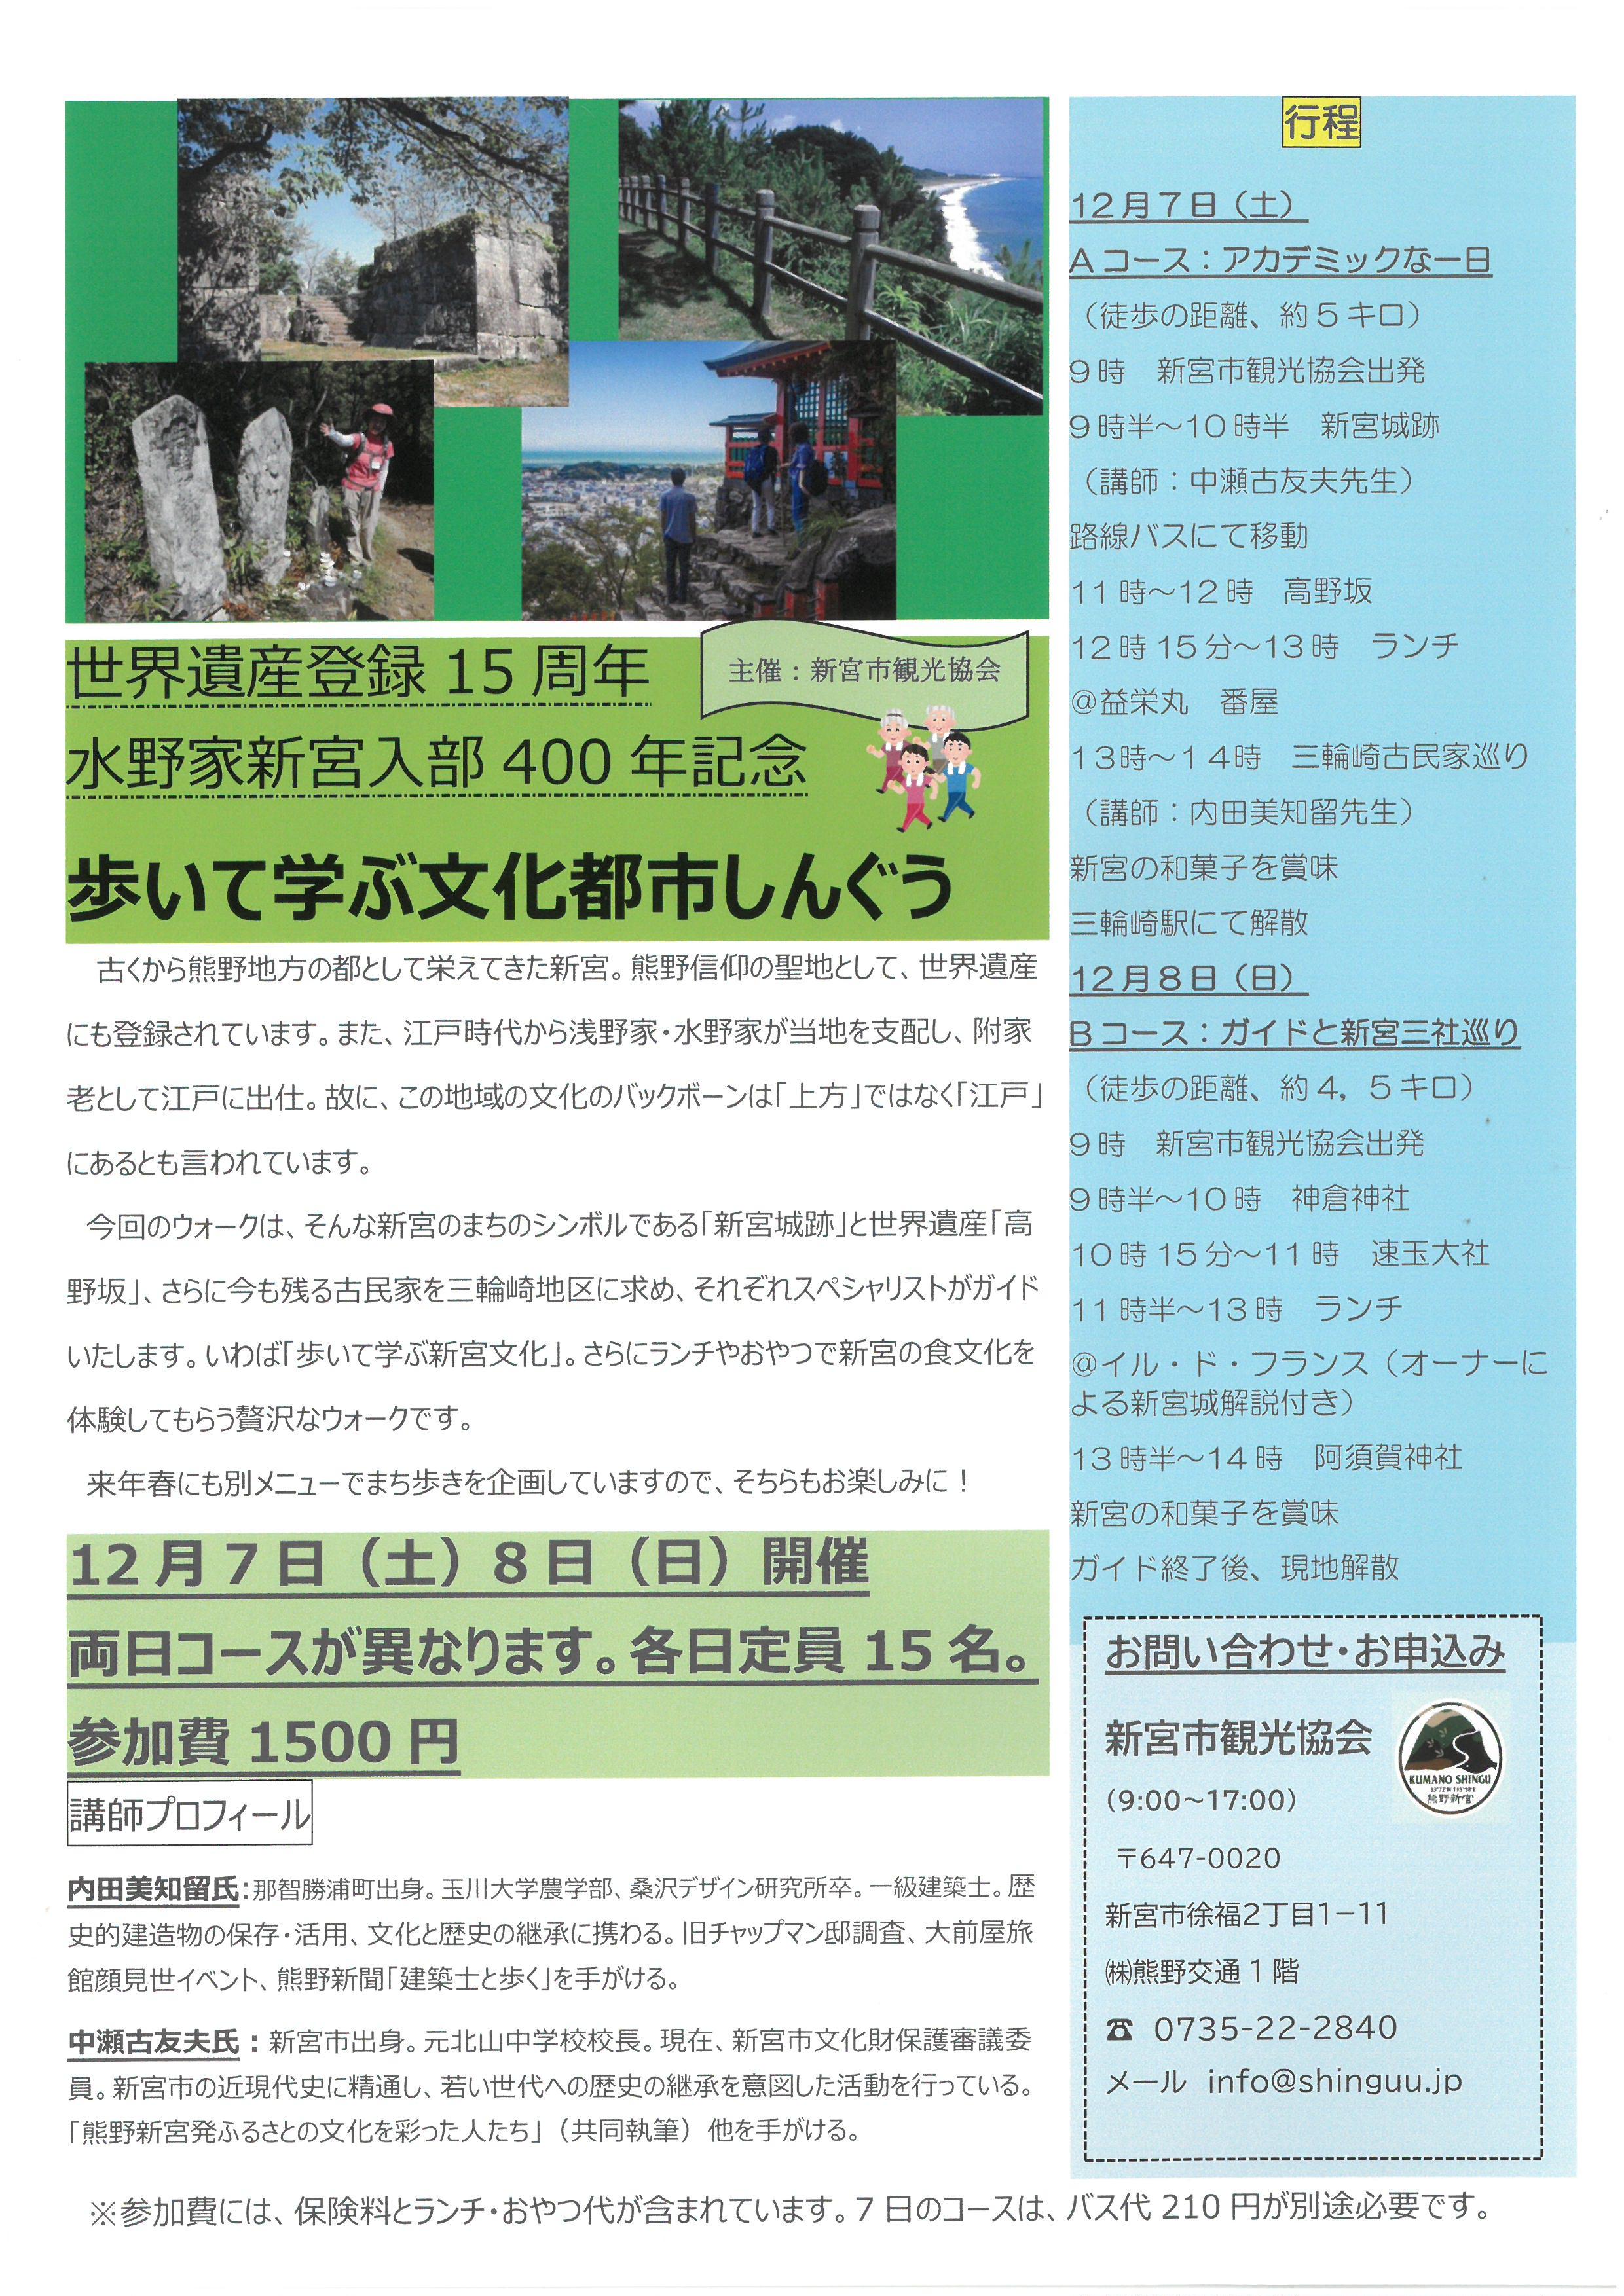 12月7日(土)8日(日)新宮市ウォーキングイベント開催のお知らせ【募集終了】